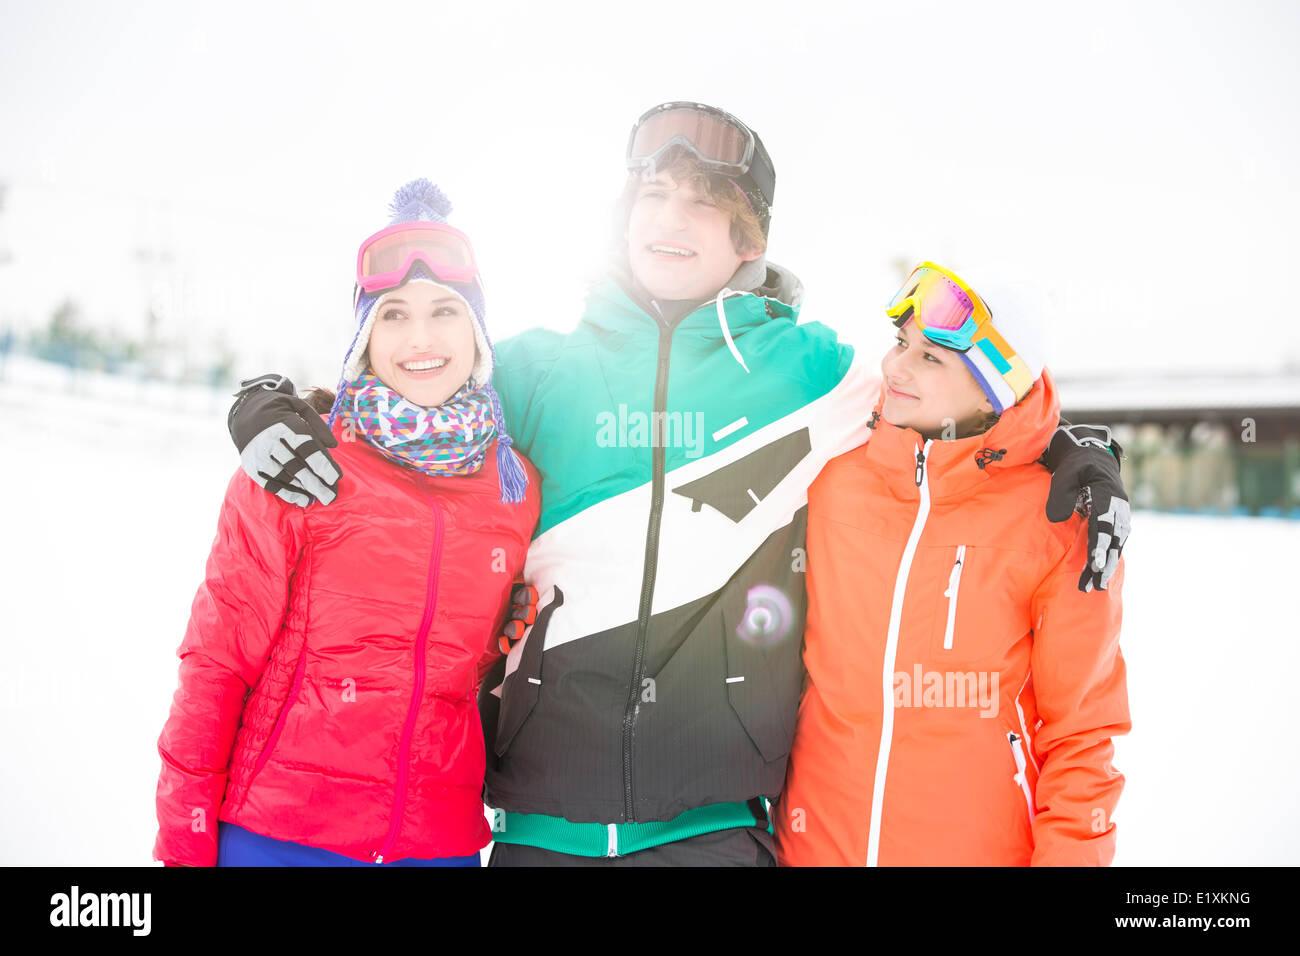 Joven con amigas de pie brazo alrededor en la nieve Imagen De Stock